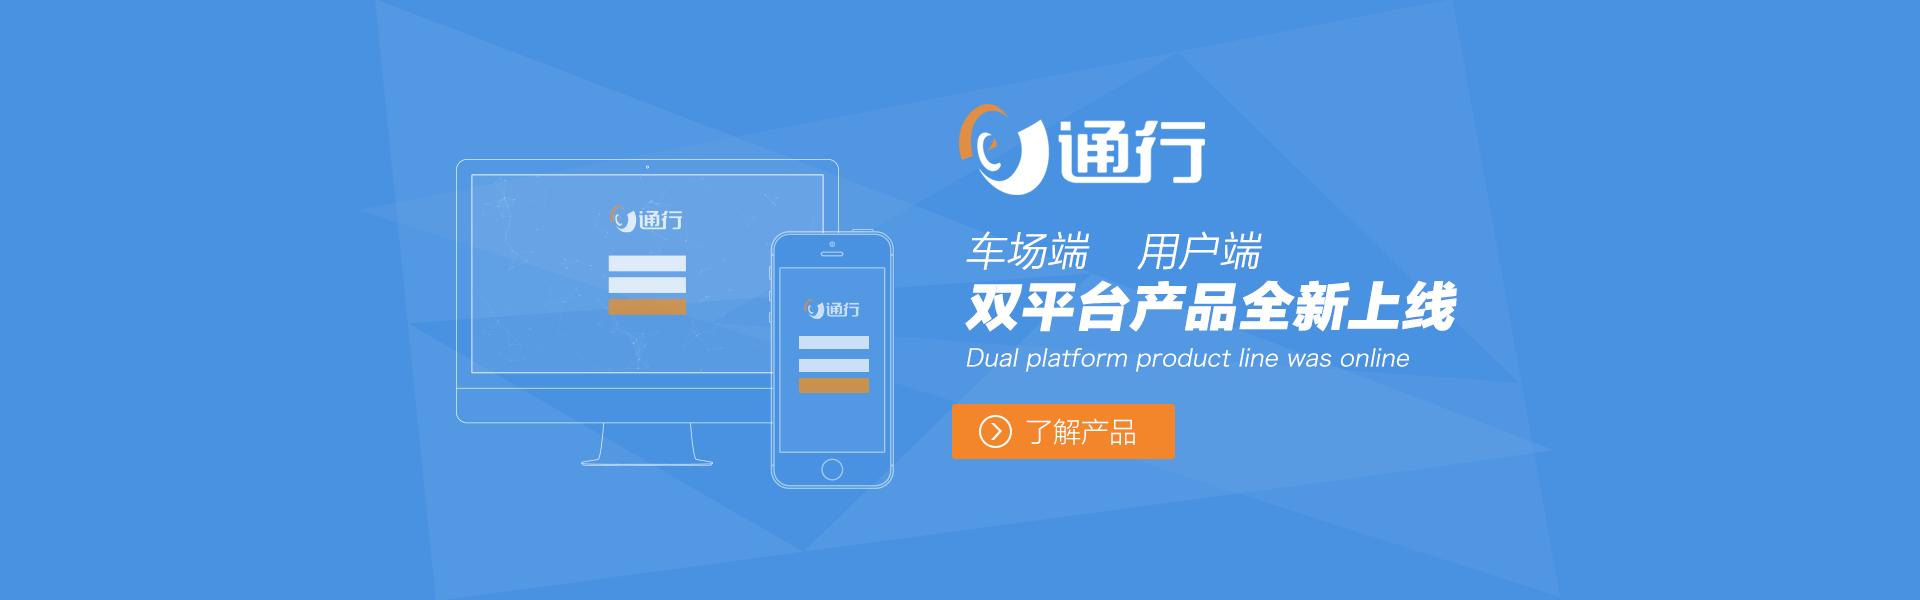 e通行产品全平台上线